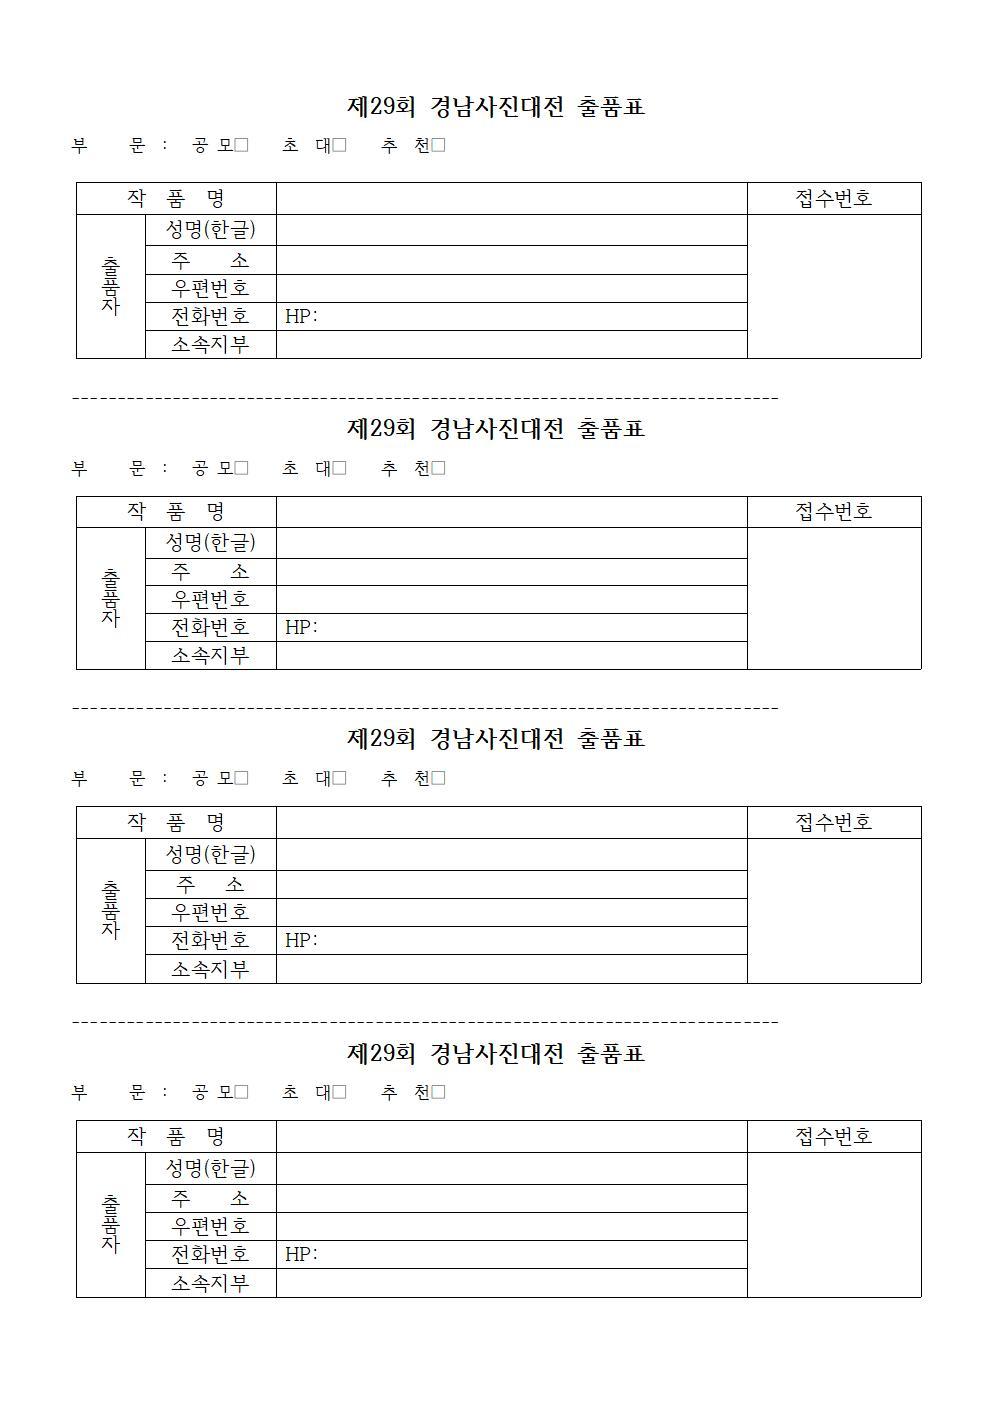 제29회 경남사진대전 출품표 양식1001.jpg